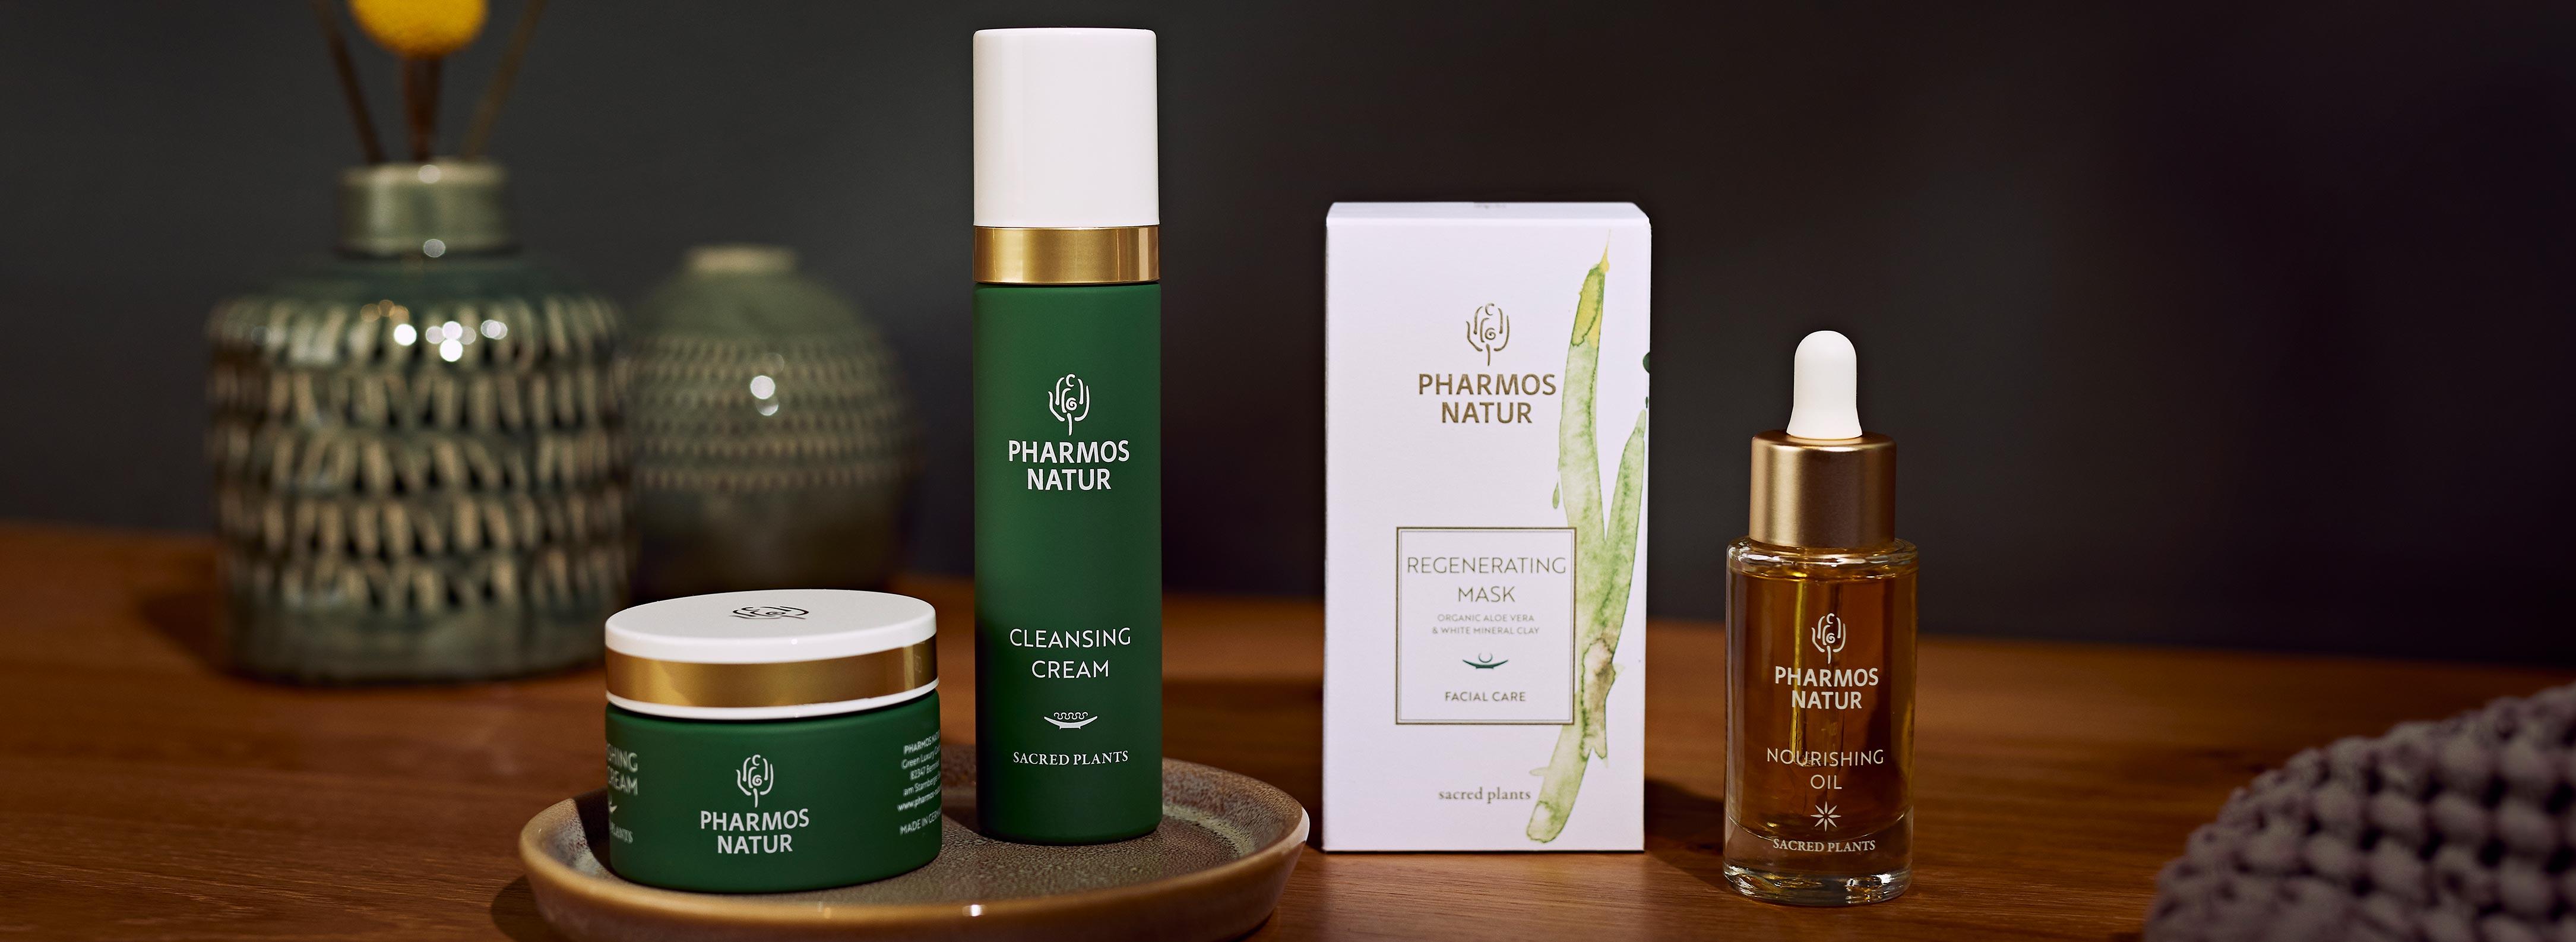 Pharmos Natur Produkte für den Hauttyp trockene Haut mit dunklem Hintergrund